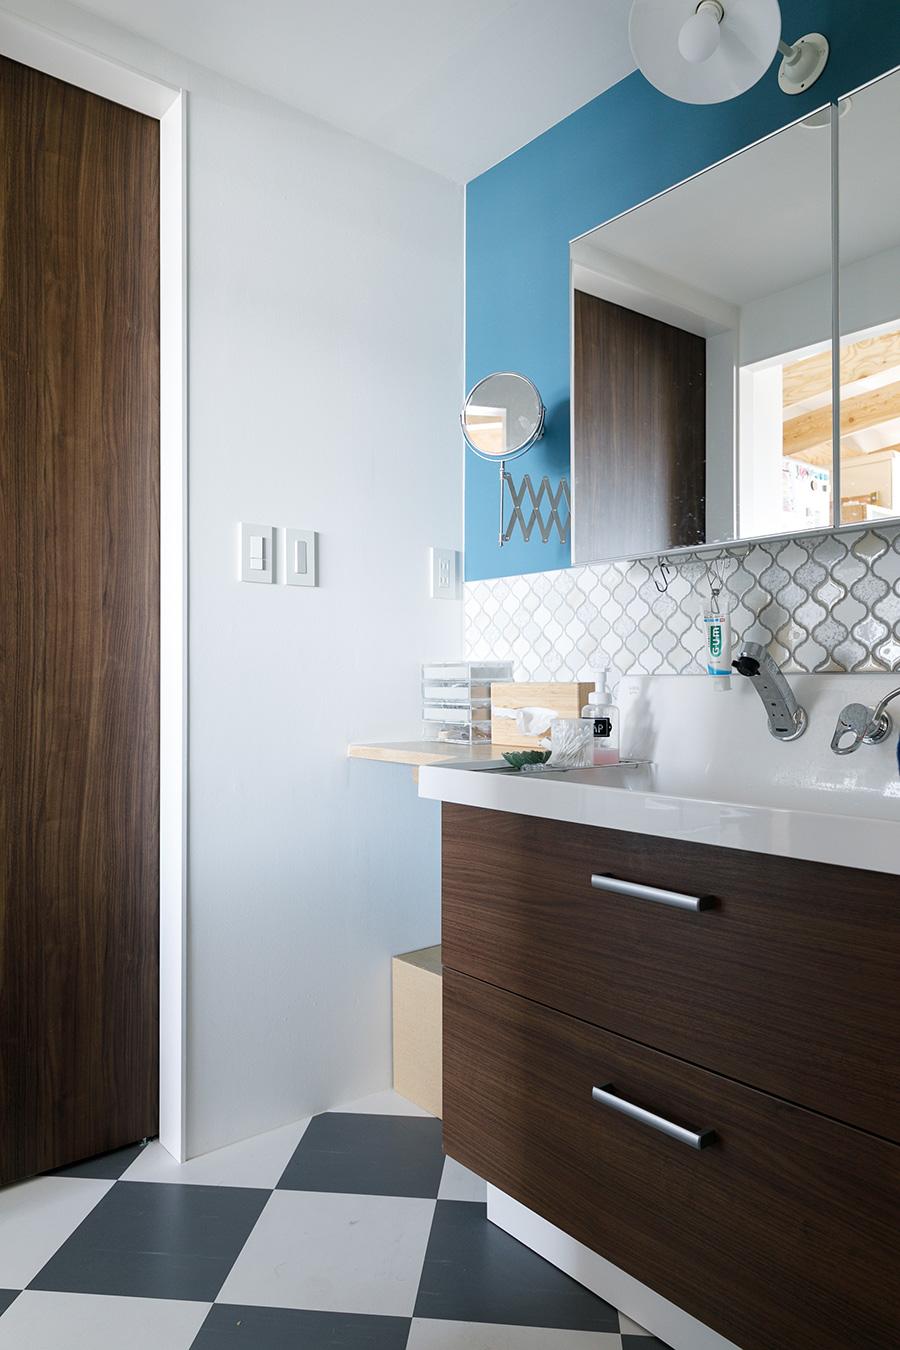 ブルーの壁、装飾性の高いタイル、チェック柄の床と、裕美さんのセンスが冴える洗面スペース。伸縮する便利な鏡はイケアのもの。